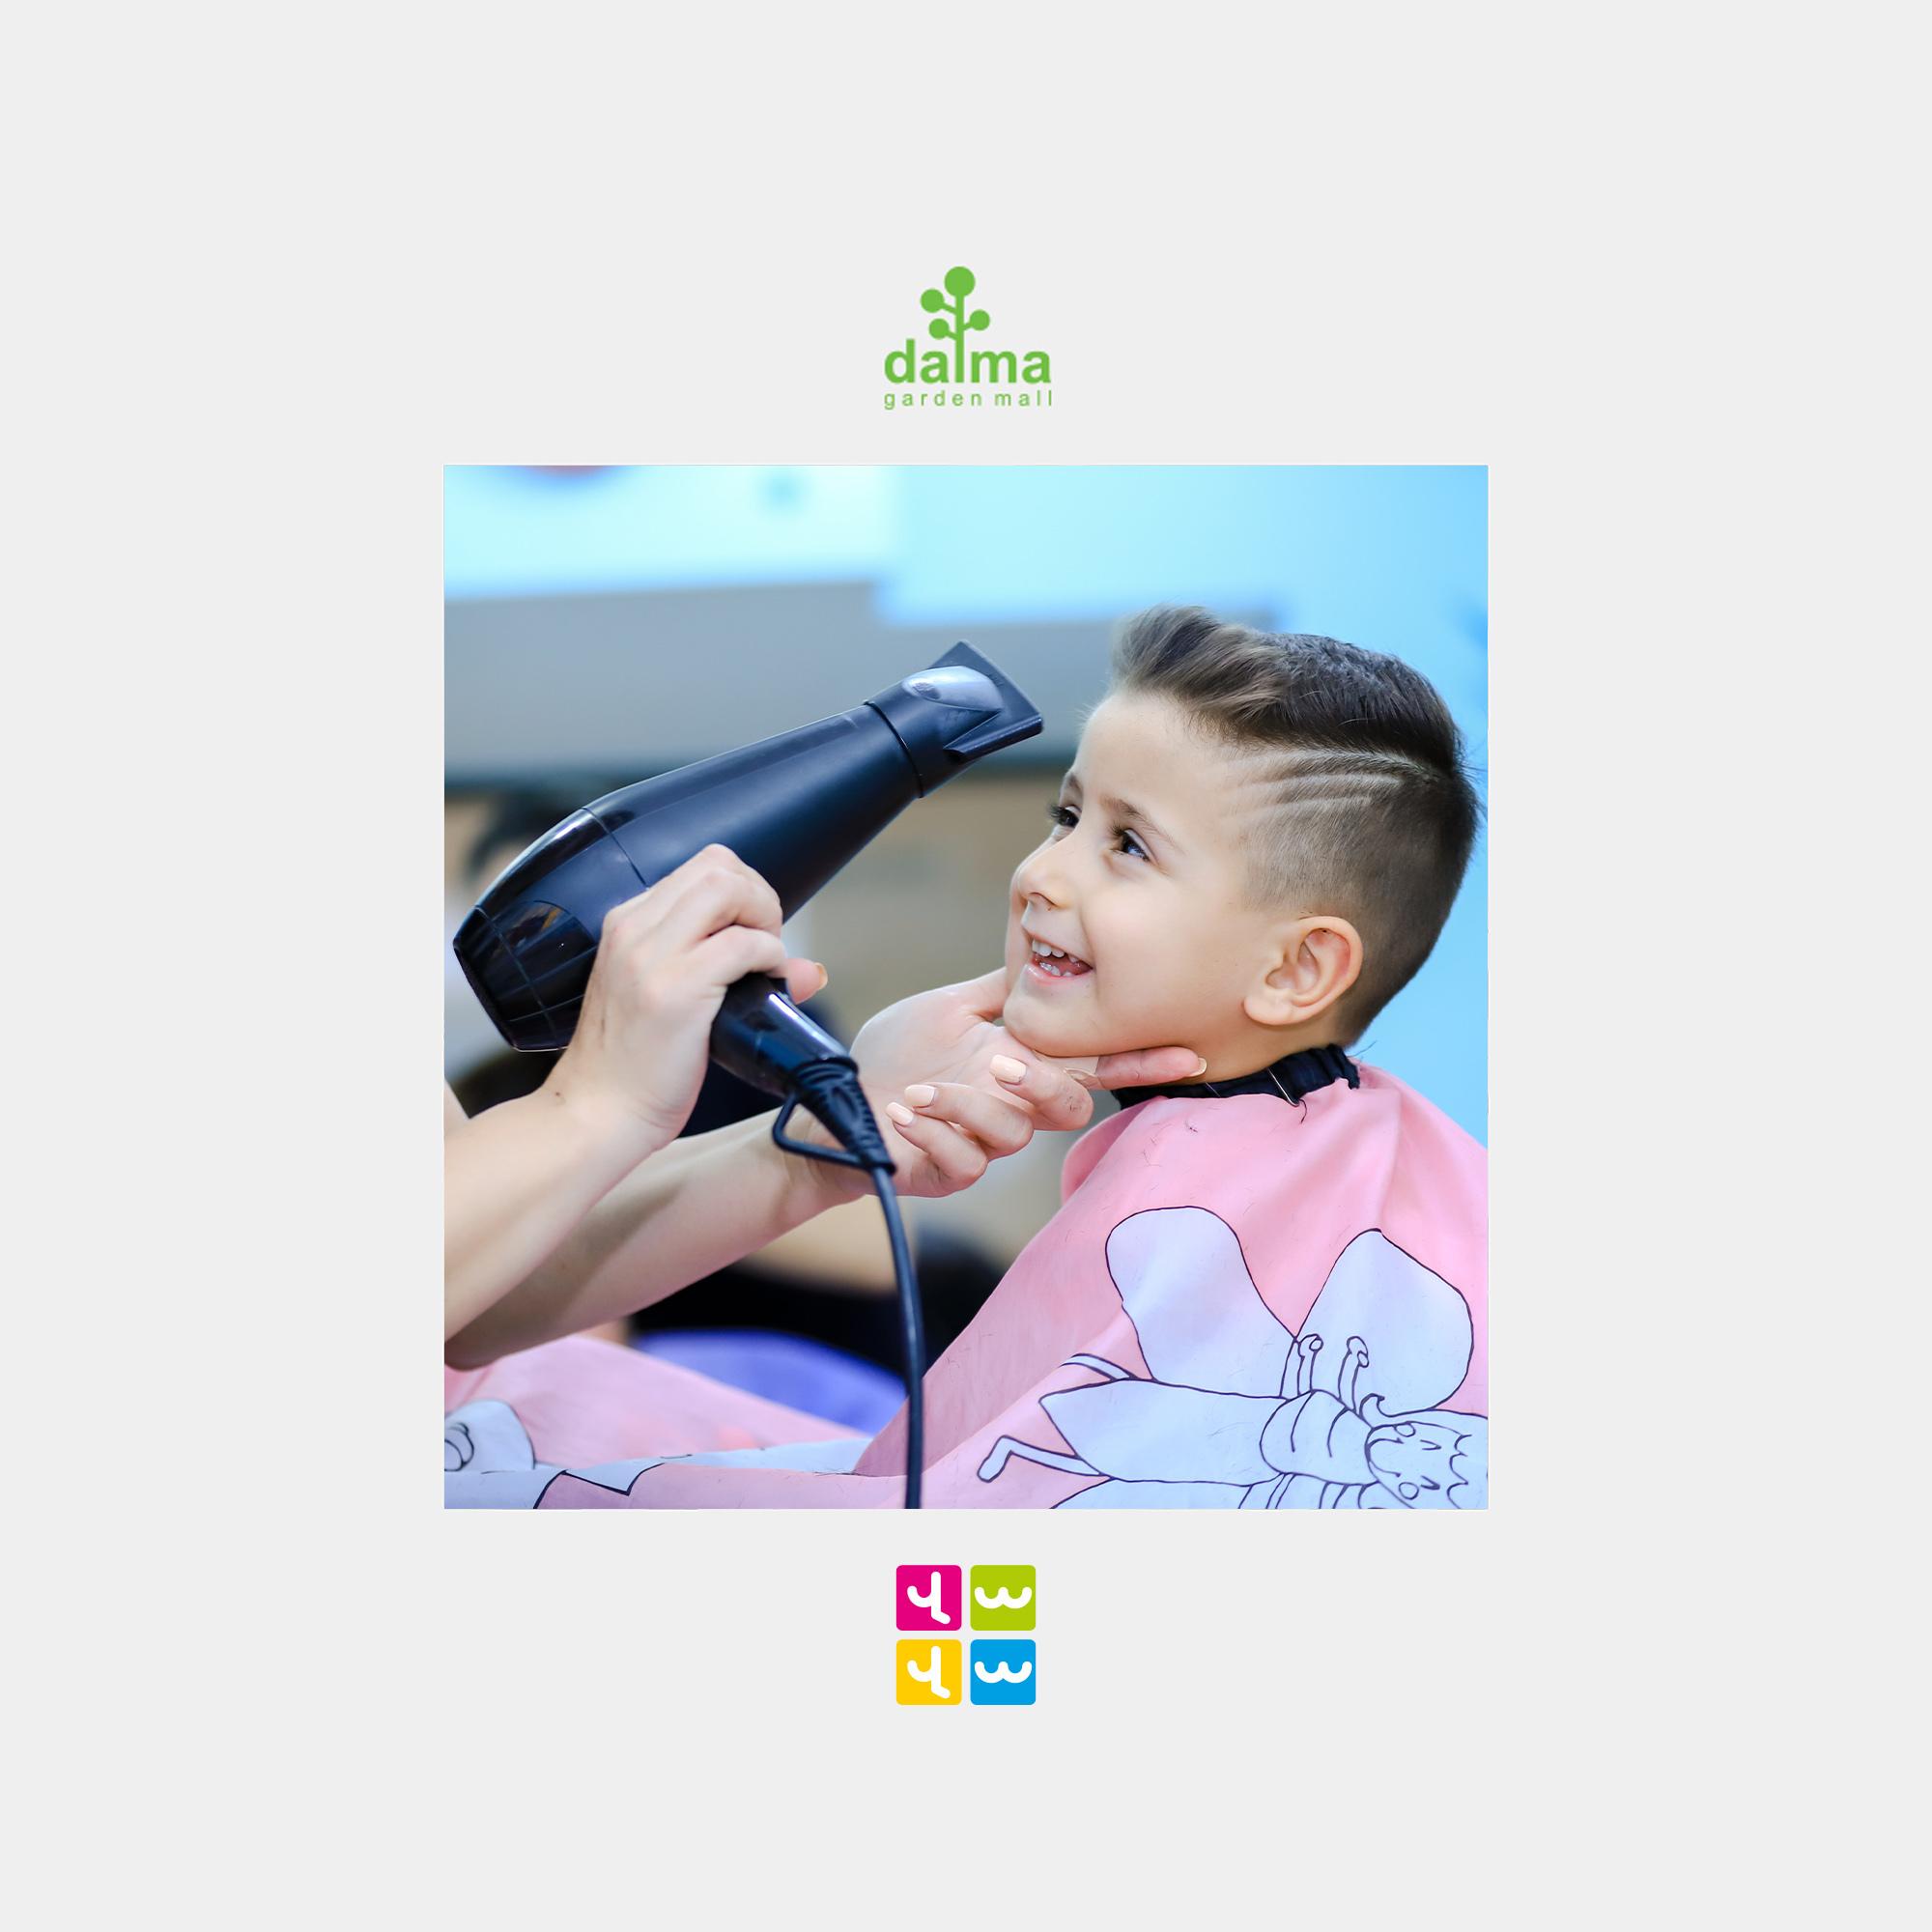 VAVA children's beauty salon opening soon in Dalma